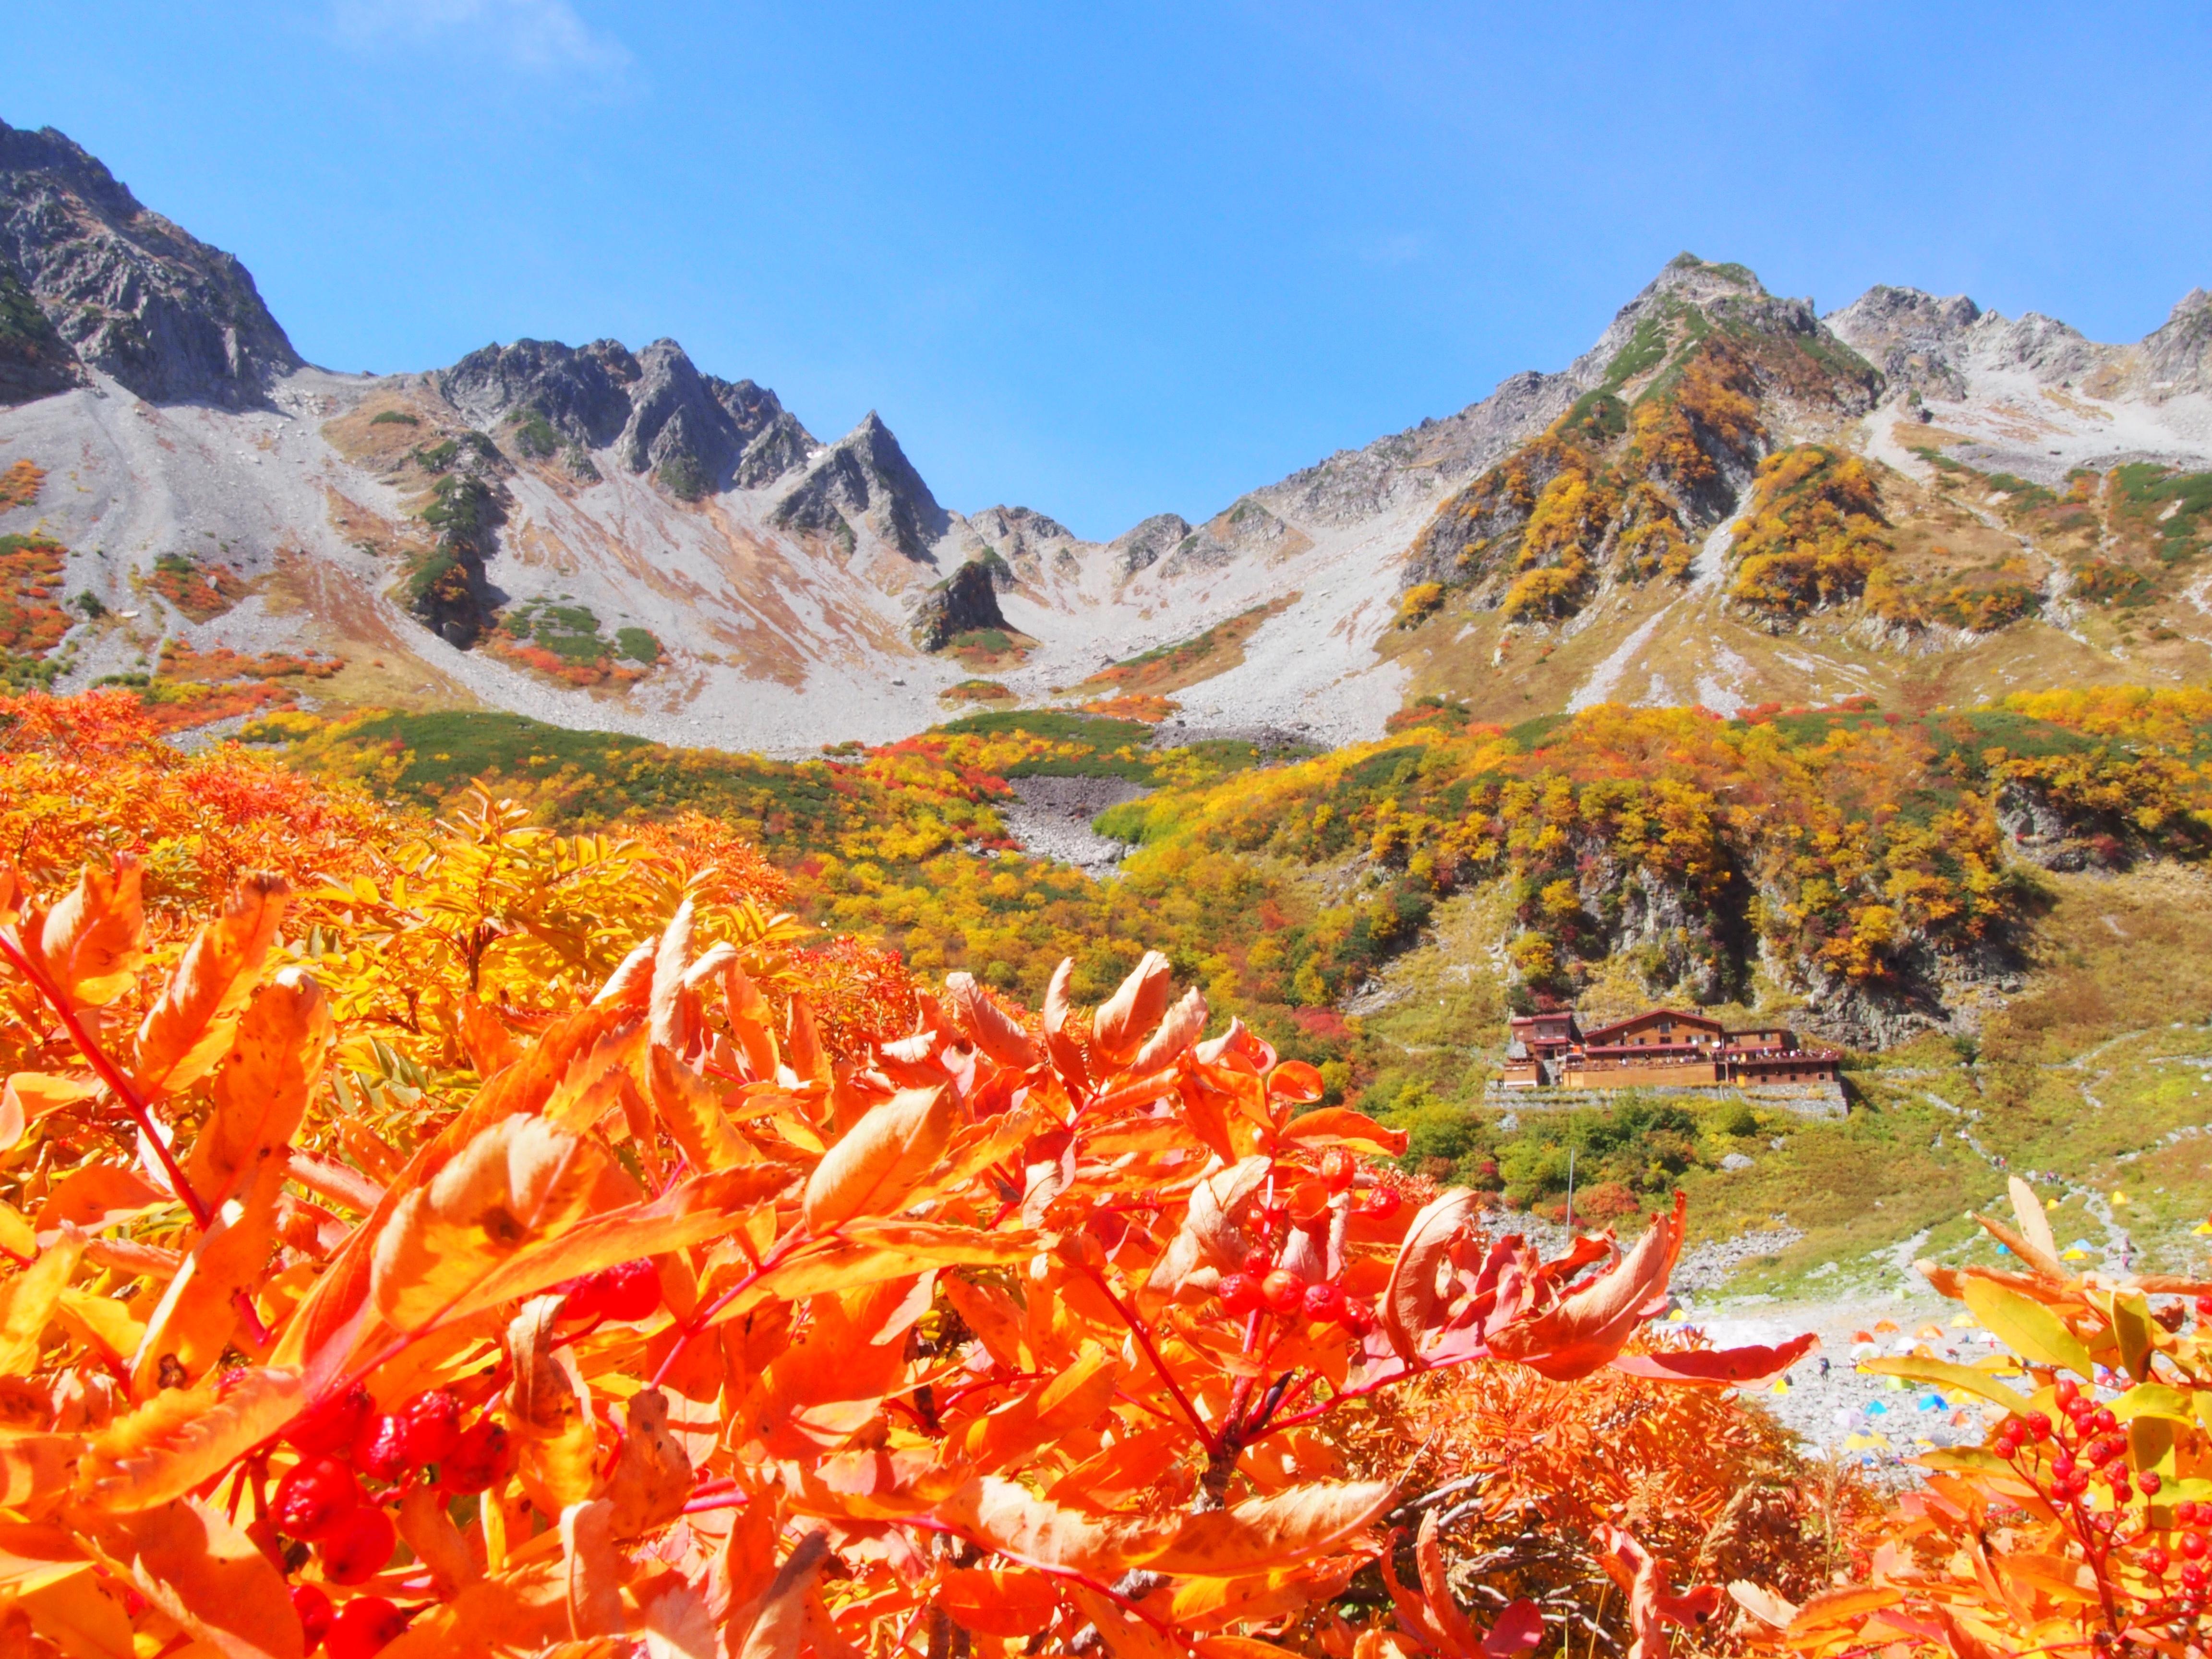 秋の絶景登山「涸沢カール」と憧れの山「奥穂高岳」①-アクセス編-